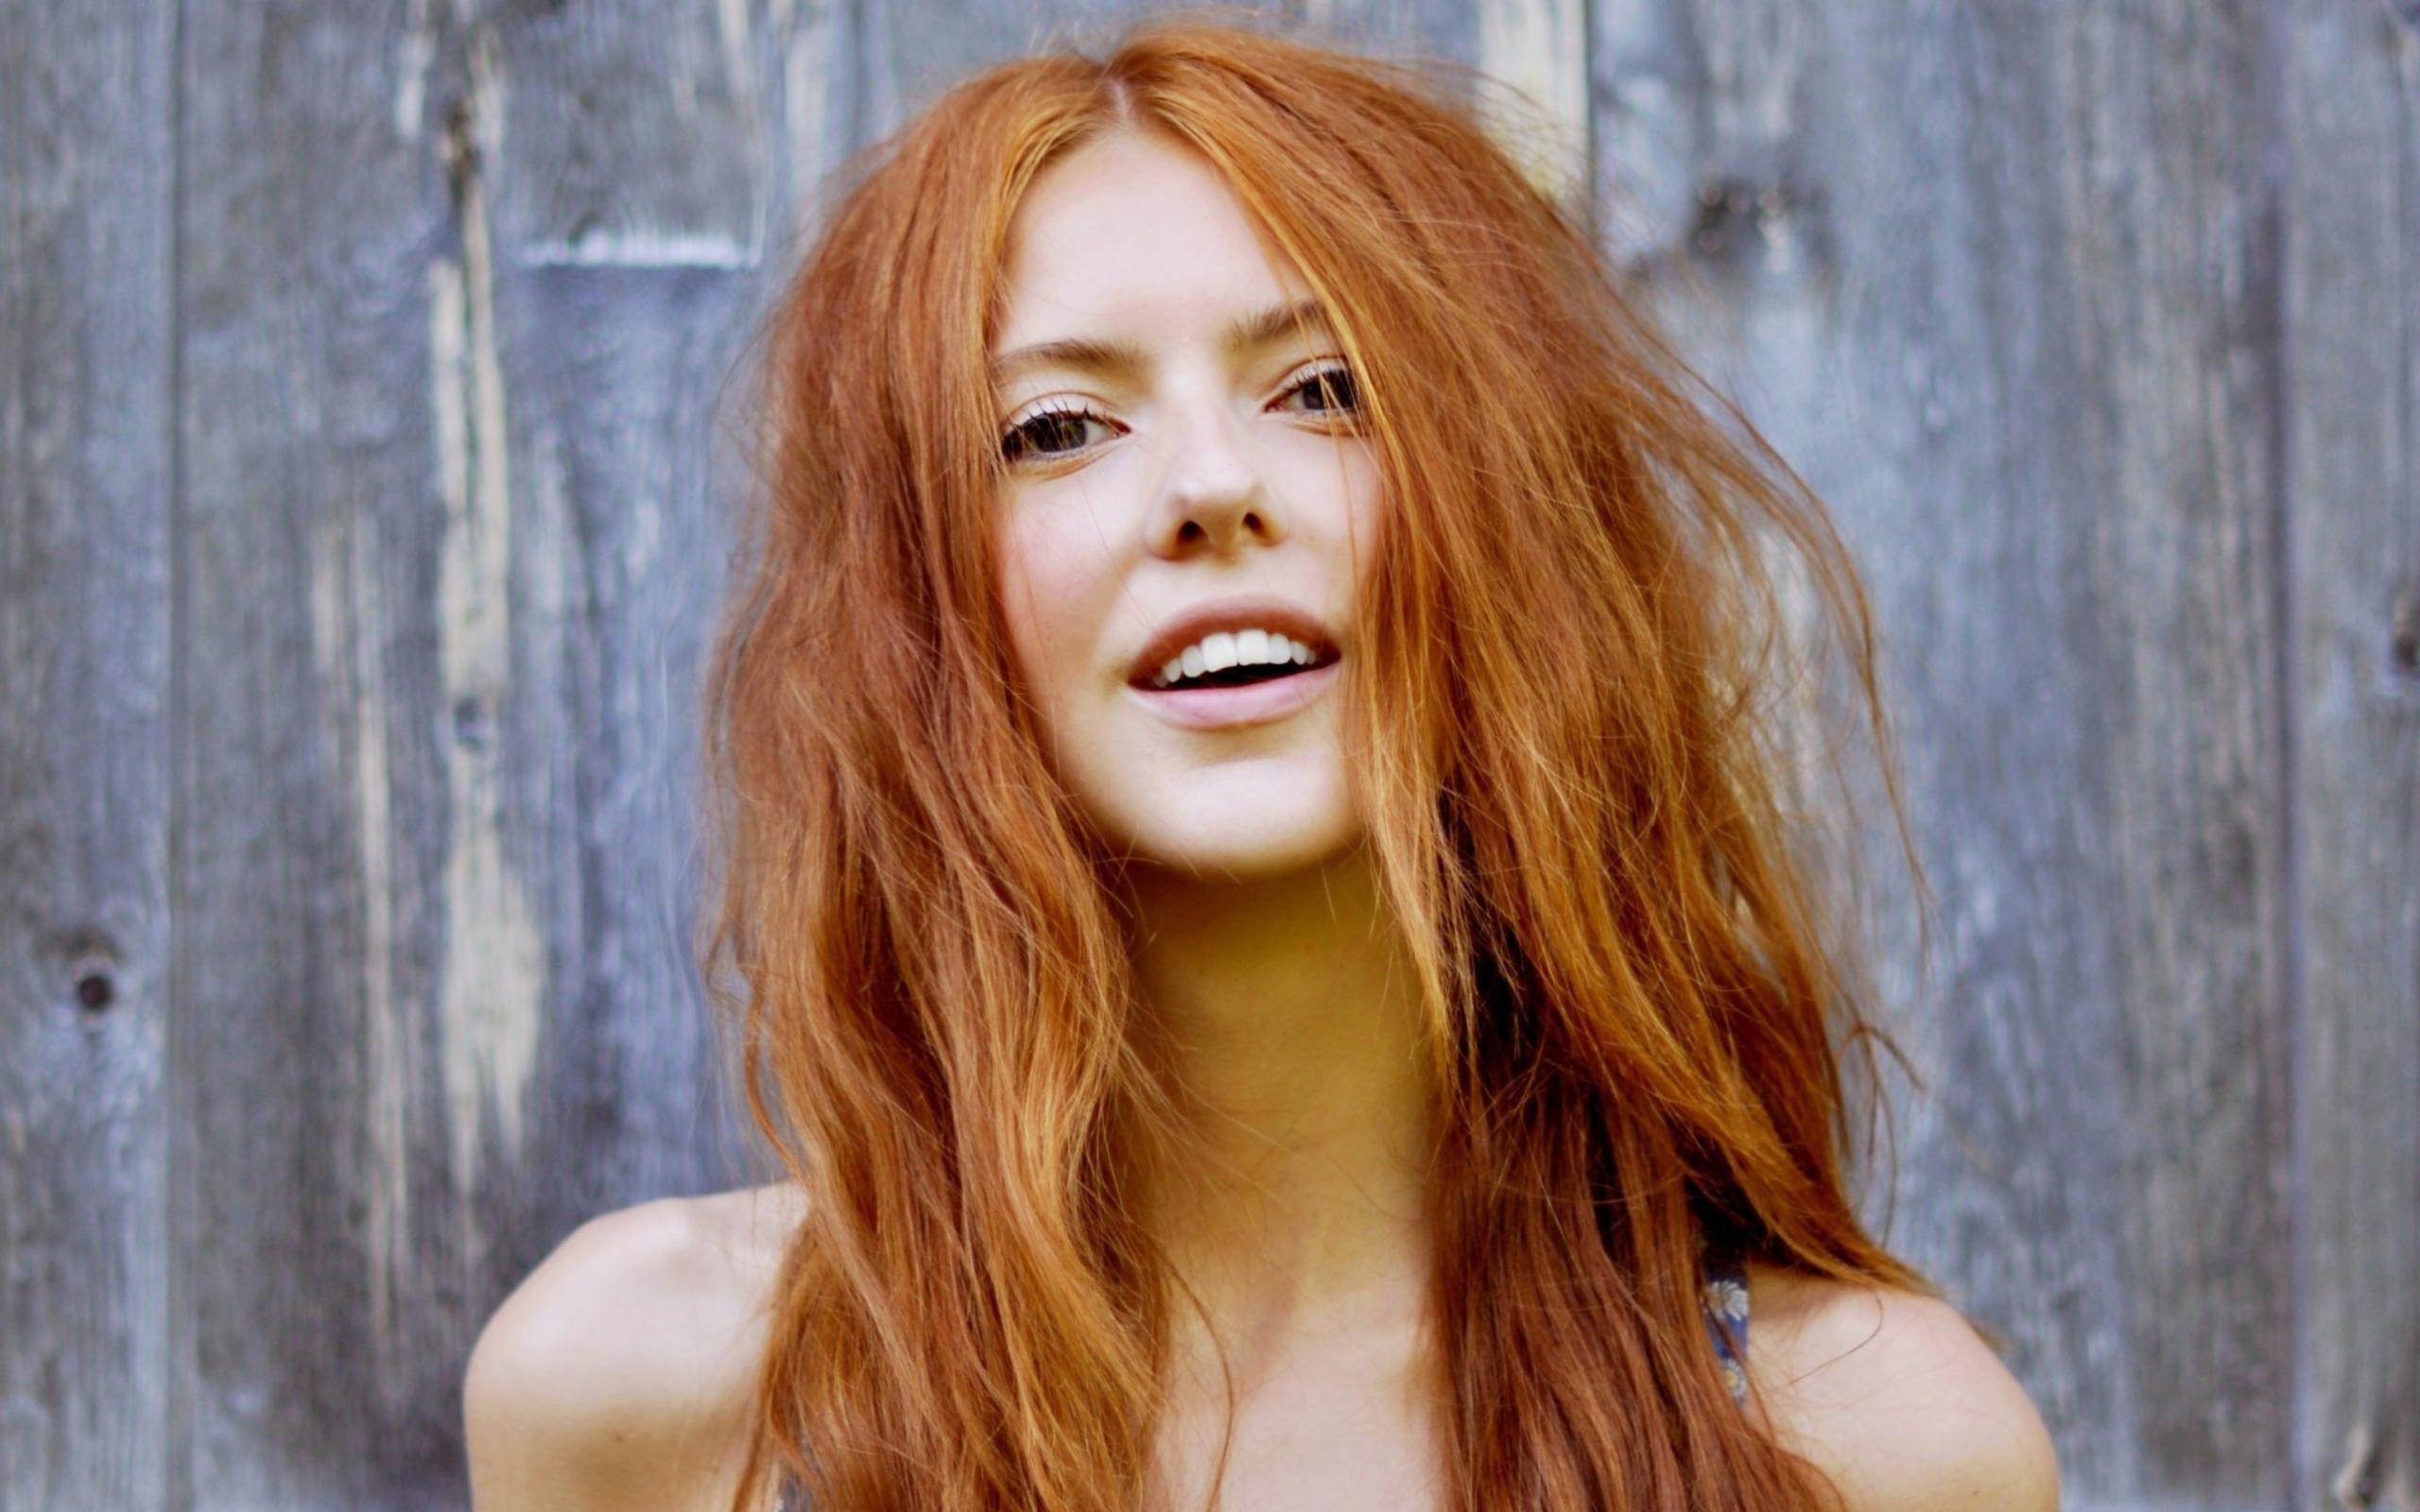 Рыжая девка всех фото, самые классные девушки в россии обнаженные